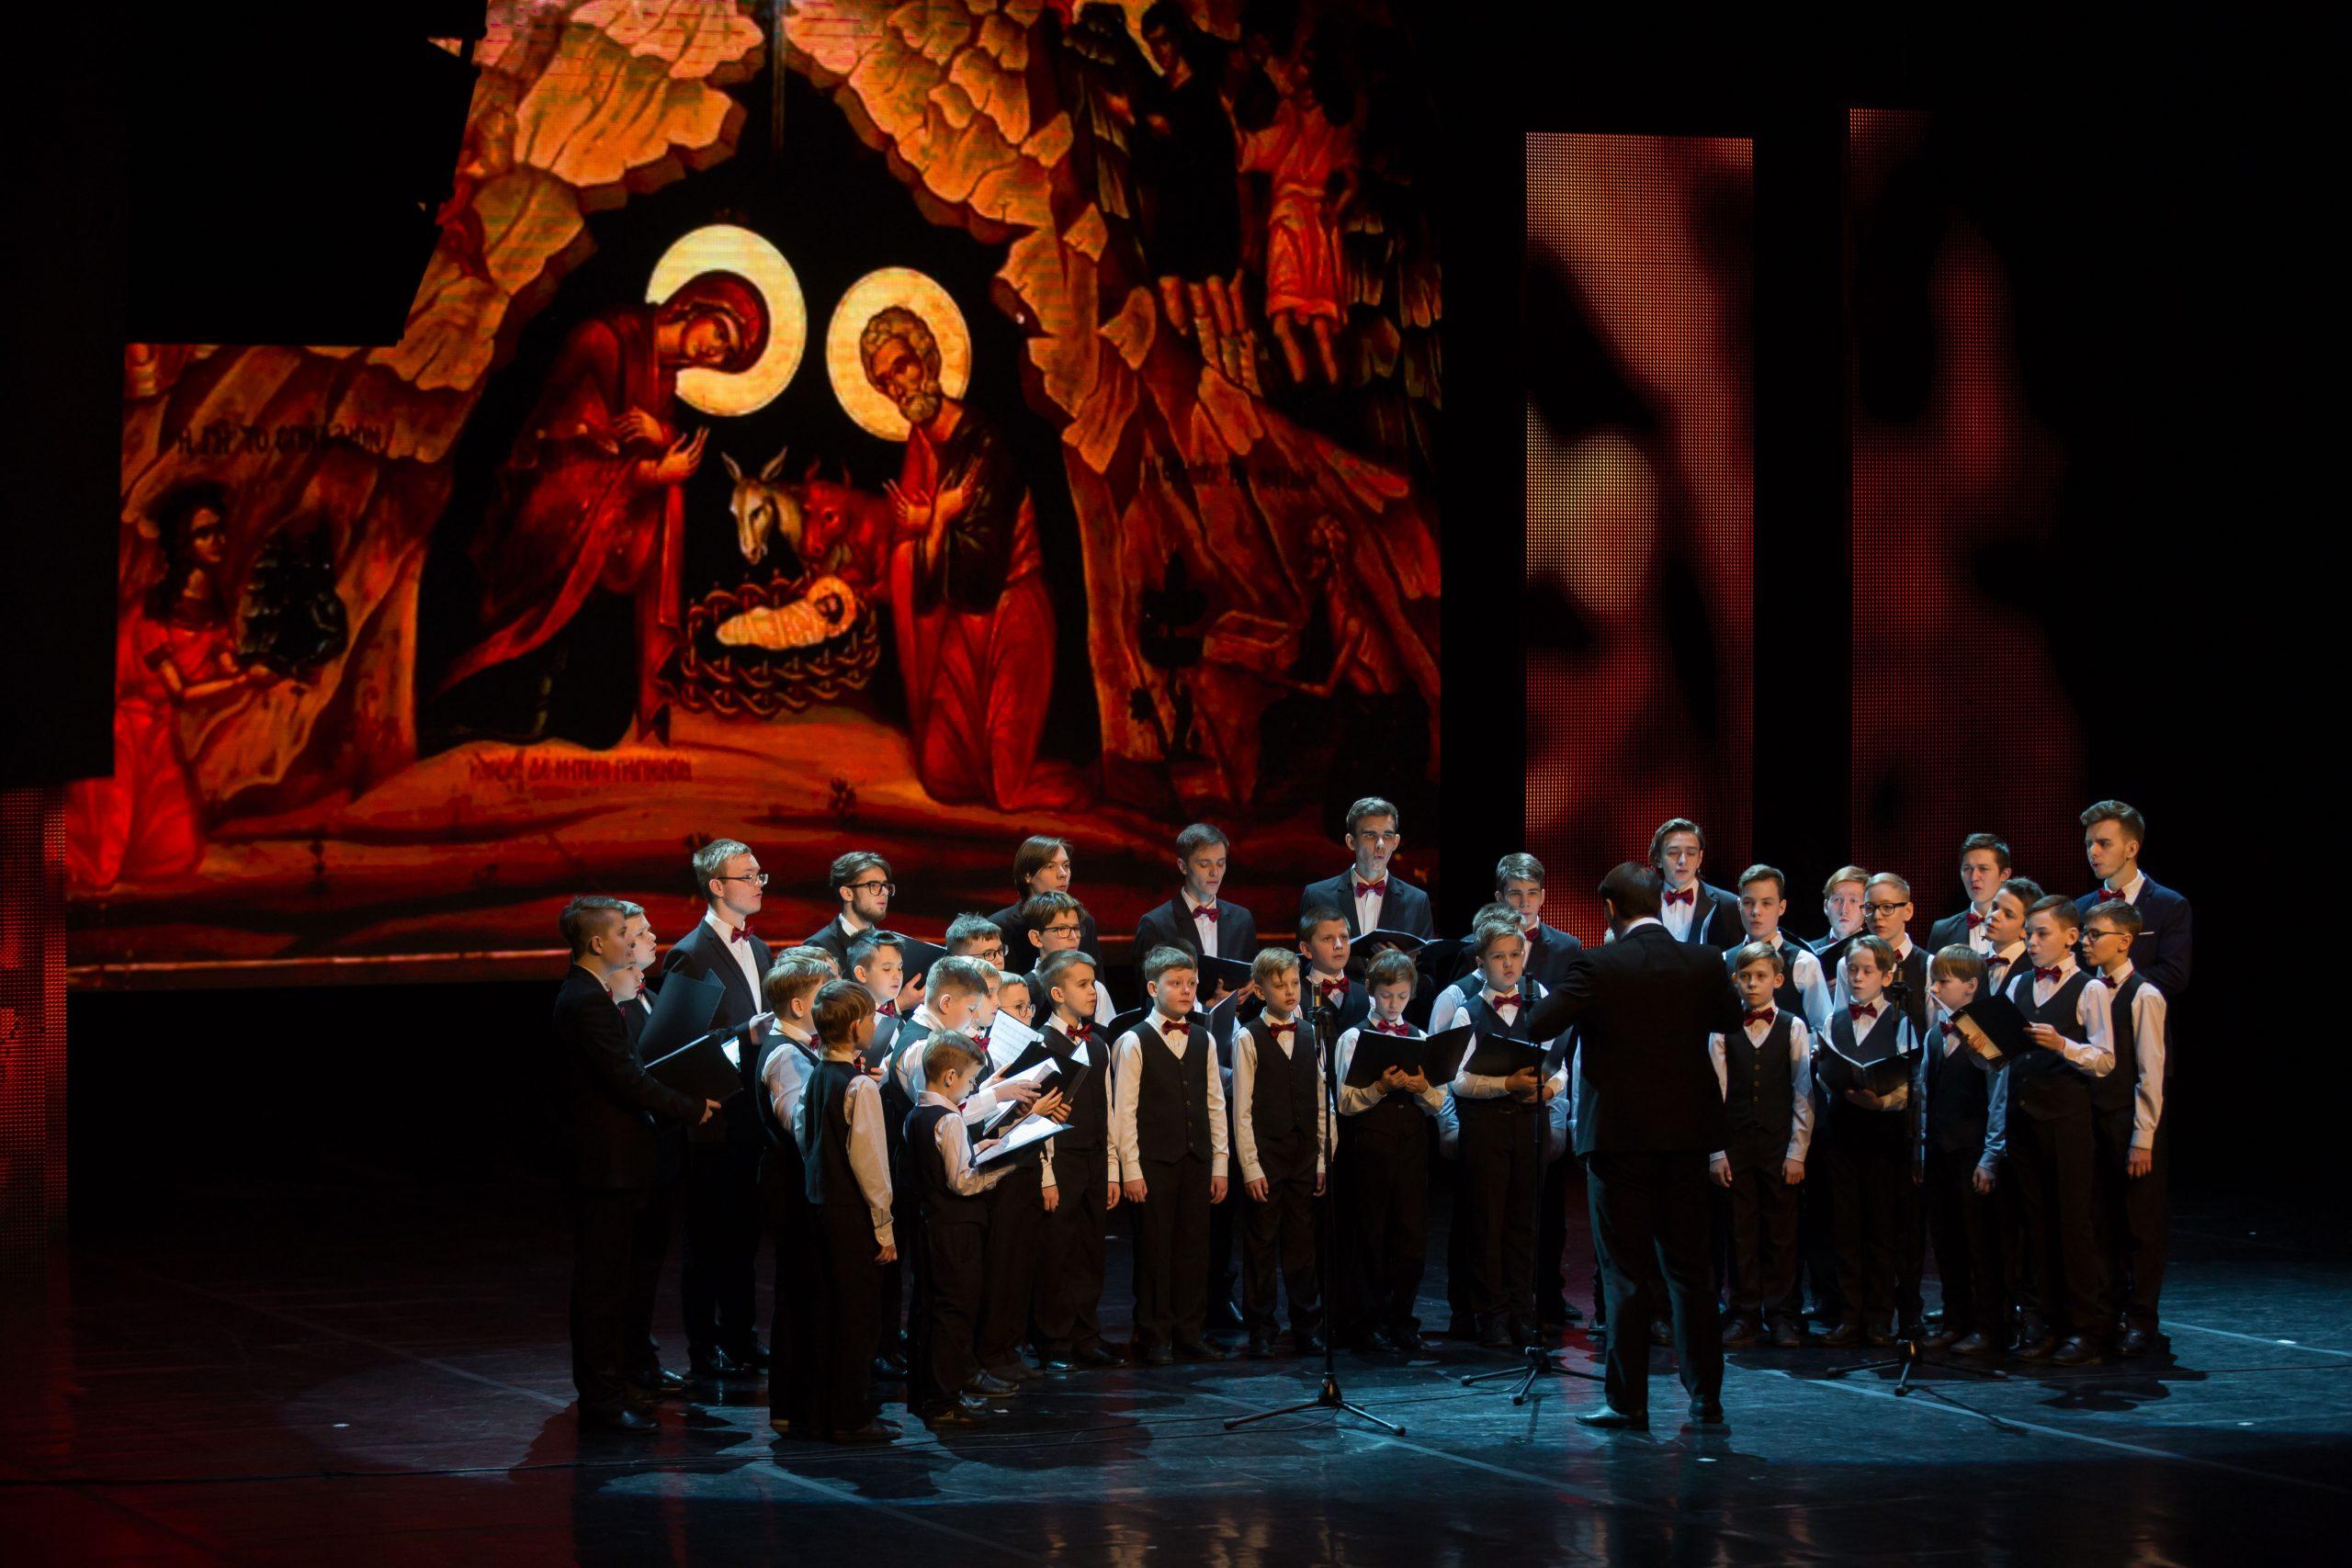 Итоги регионального этапа Всероссийского фестиваля школьных хоров «Поют дети России»